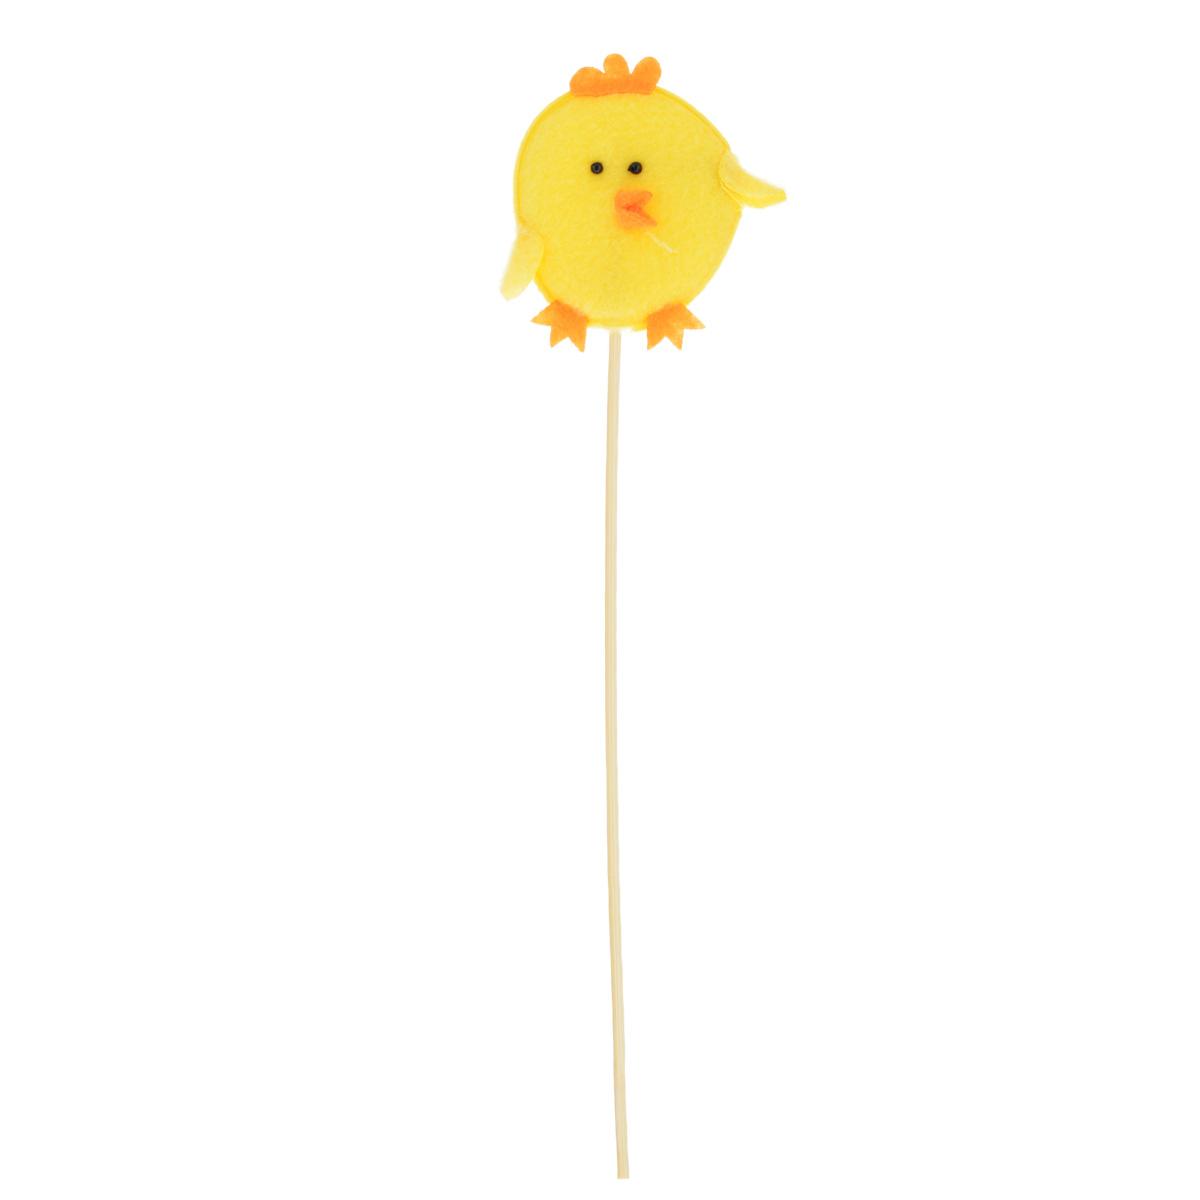 Декоративное пасхальное украшение на ножке Home Queen Цыпленок, высота 26,5 см60732_2Украшение пасхальное Home Queen Цыпленок изготовлено из высококачественного полиэстера и предназначено для украшения праздничного стола. Украшение выполнено в виде цыпленка на деревянной шпажке. Такое украшение прекрасно дополнит подарок для друзей и близких на Пасху. Высота: 26,5 см. Размер фигурки: 7 см х 0,5 см х 7 см.